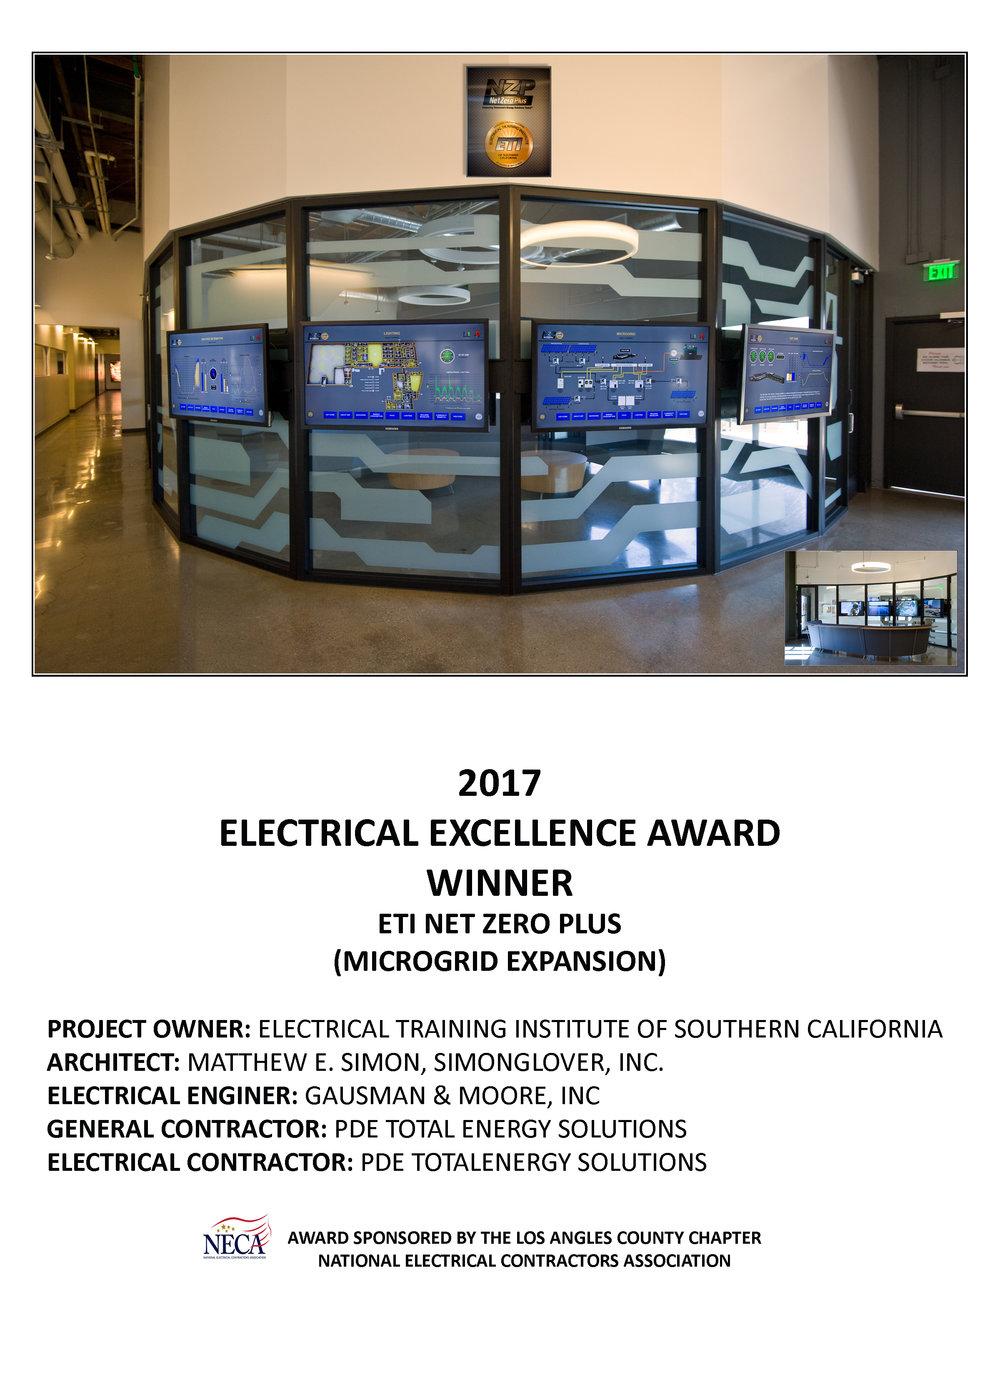 2017 ETI NZP.jpg